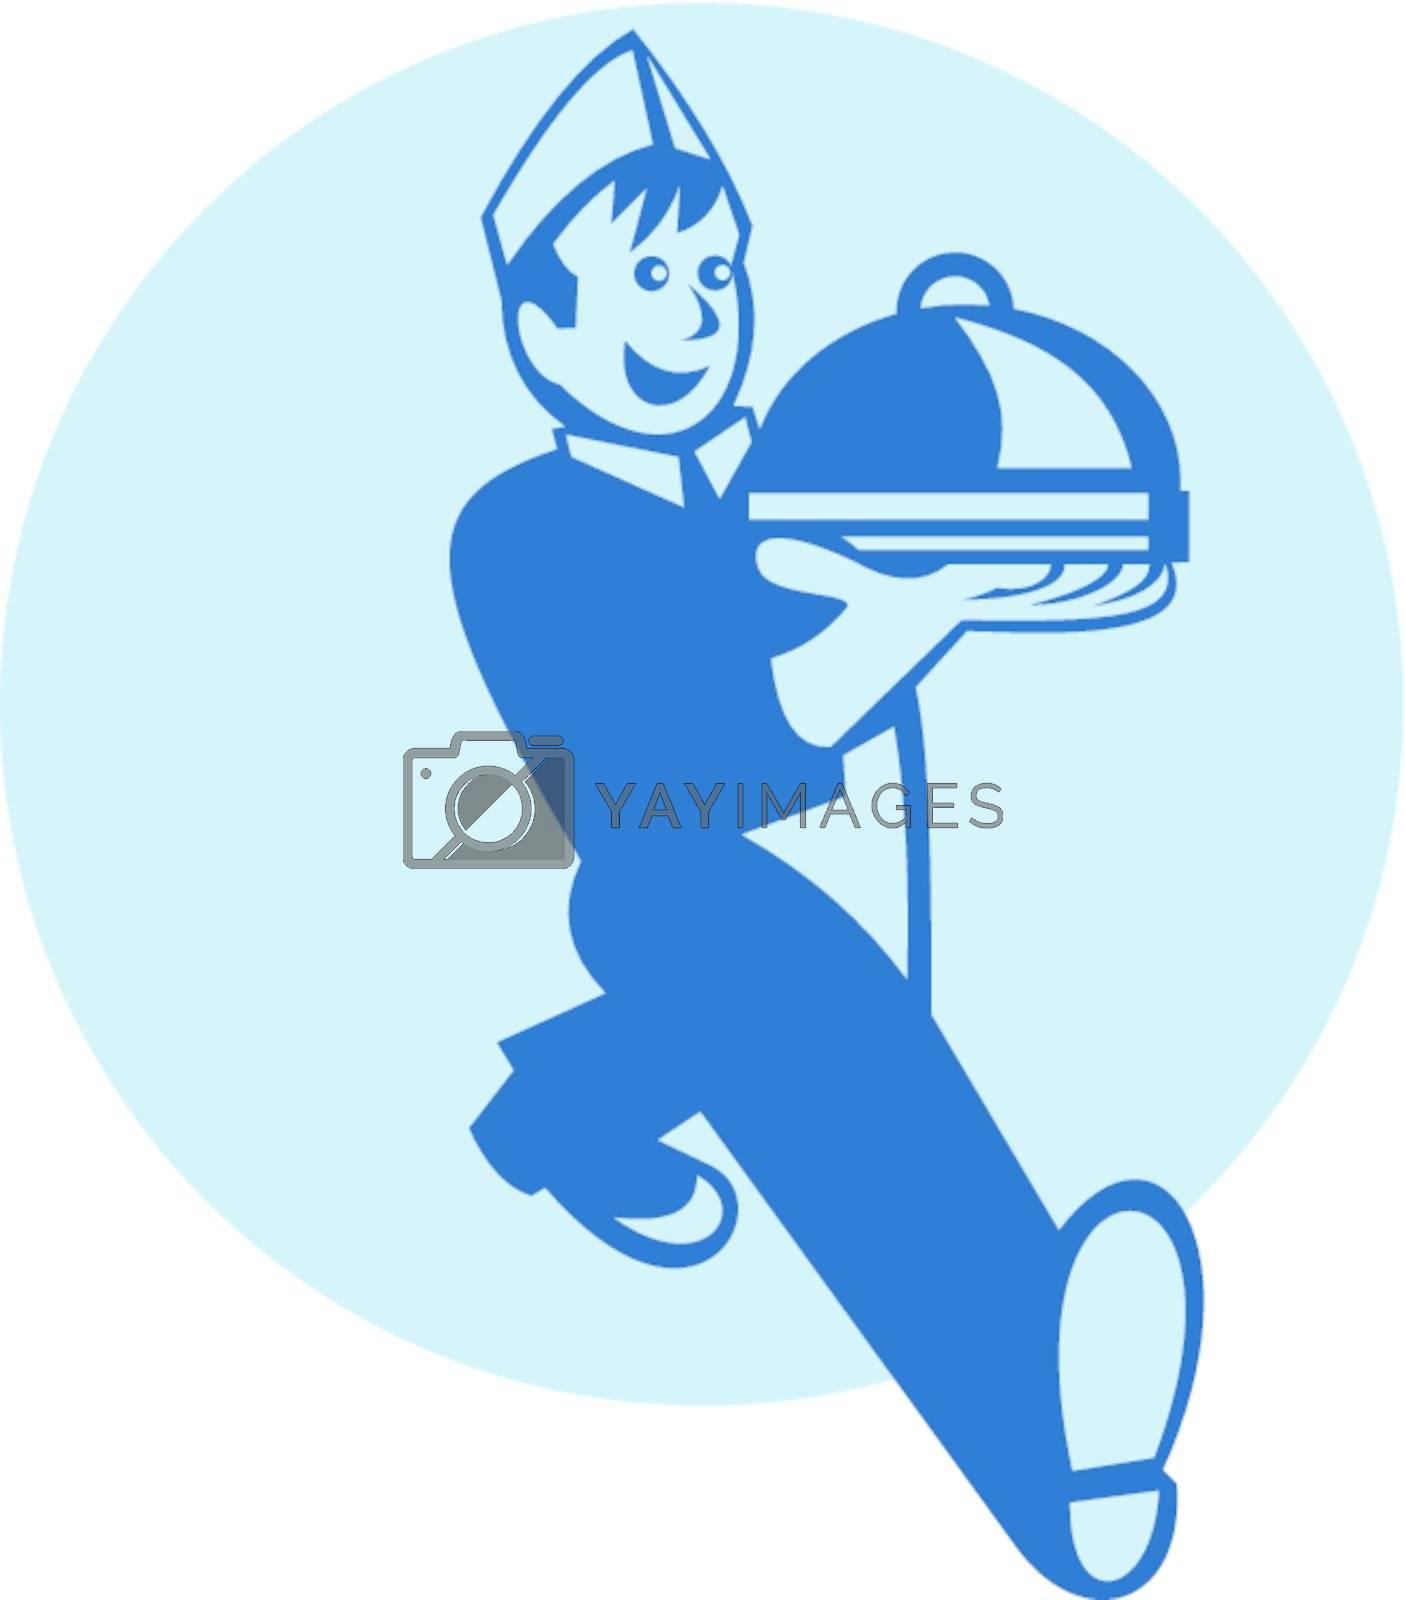 Retro illustration of a waiter cook chef baker walking serving platter plate of food set inside circle.